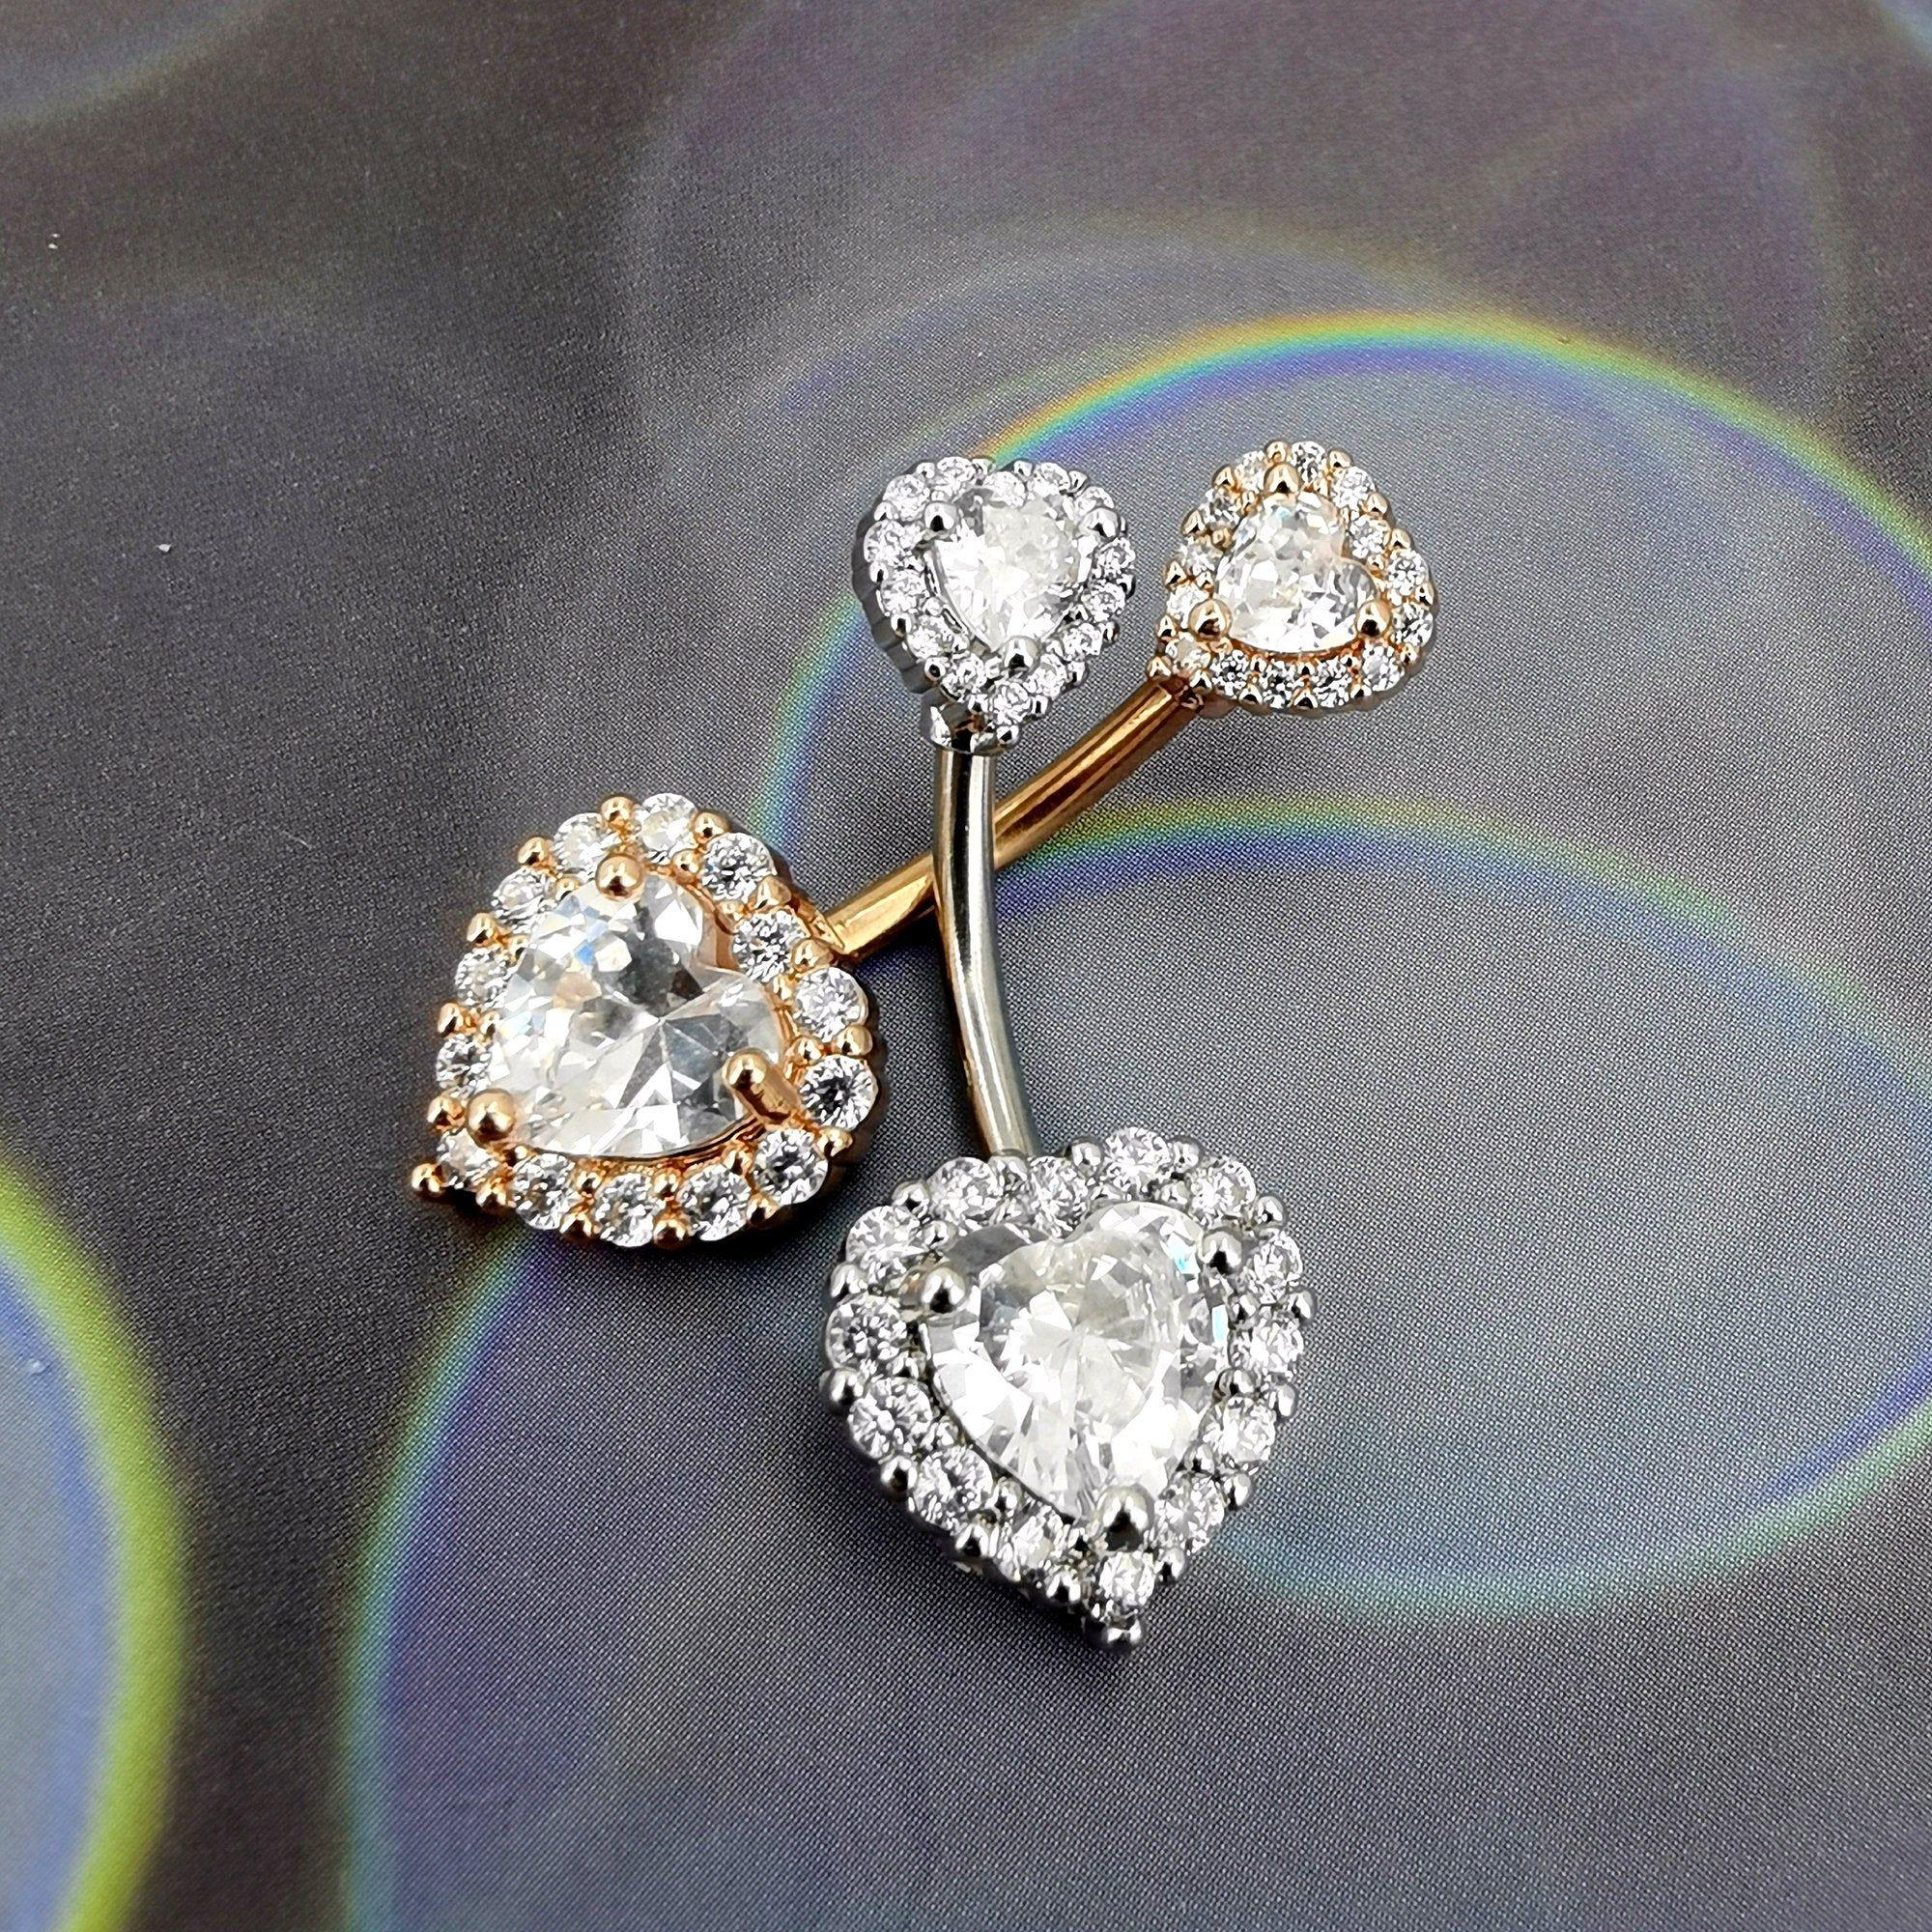 Bohemian Palace Vintage Style Cross Sideways Beads Leather Bracelet Adju K3L4 2X